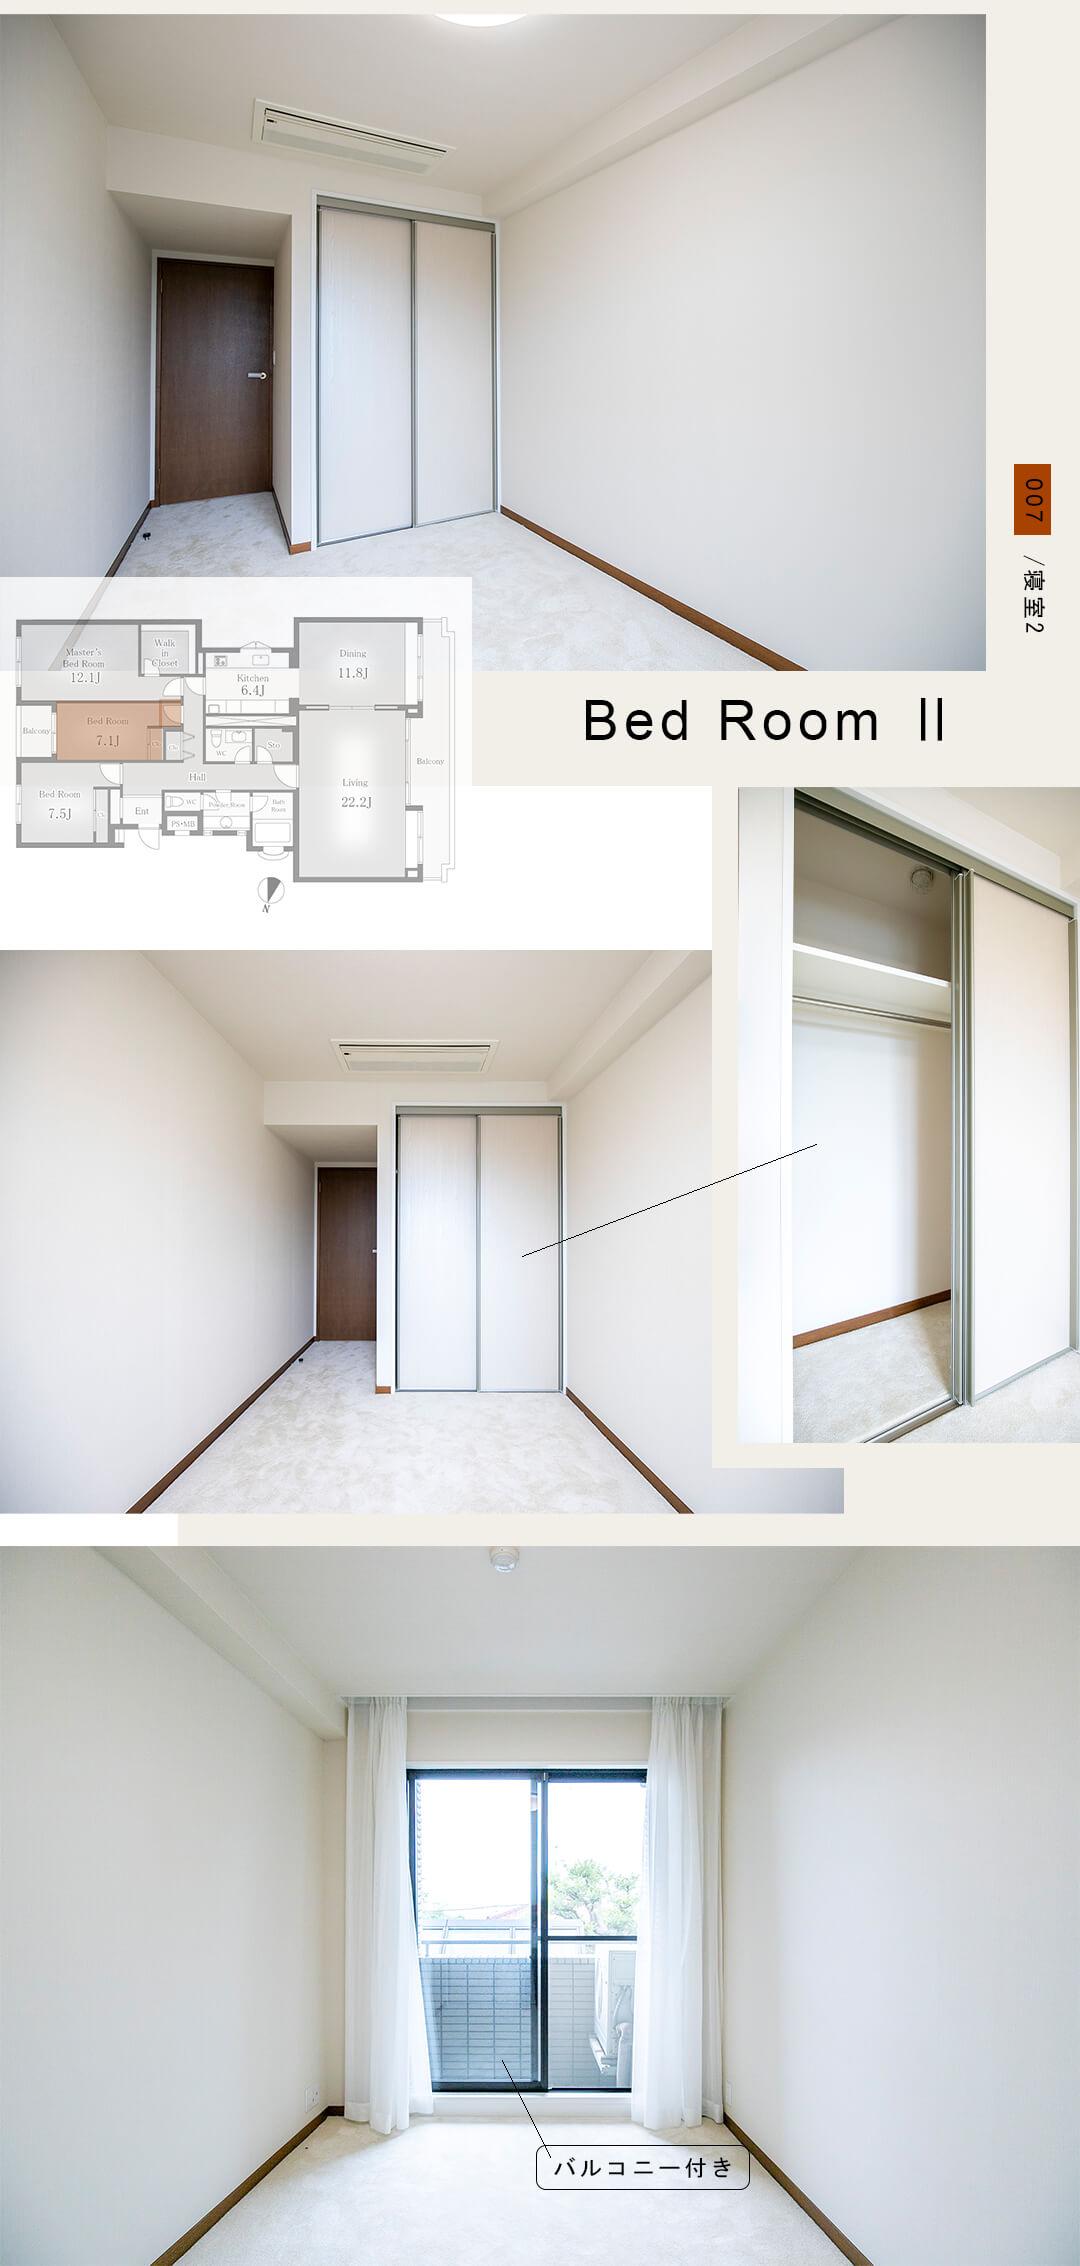 007寝室2,Bed room Ⅱ